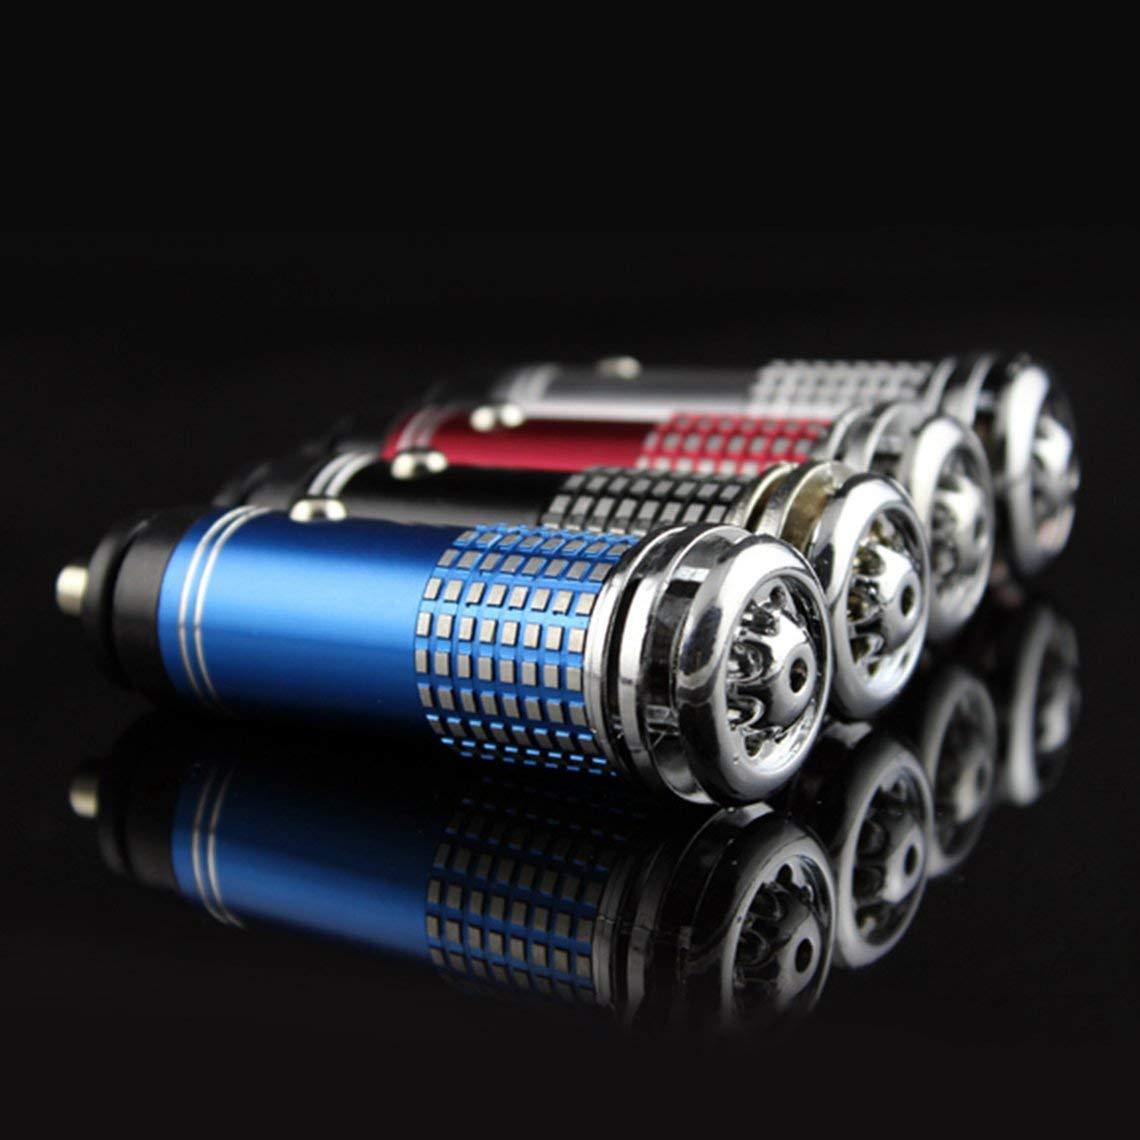 Momorain 12V Car LED Light Mini Air Anion Oxygen Bar Design Luz Interior Suministros de decoraci/ón del autom/óvil Accesorios para autom/óviles